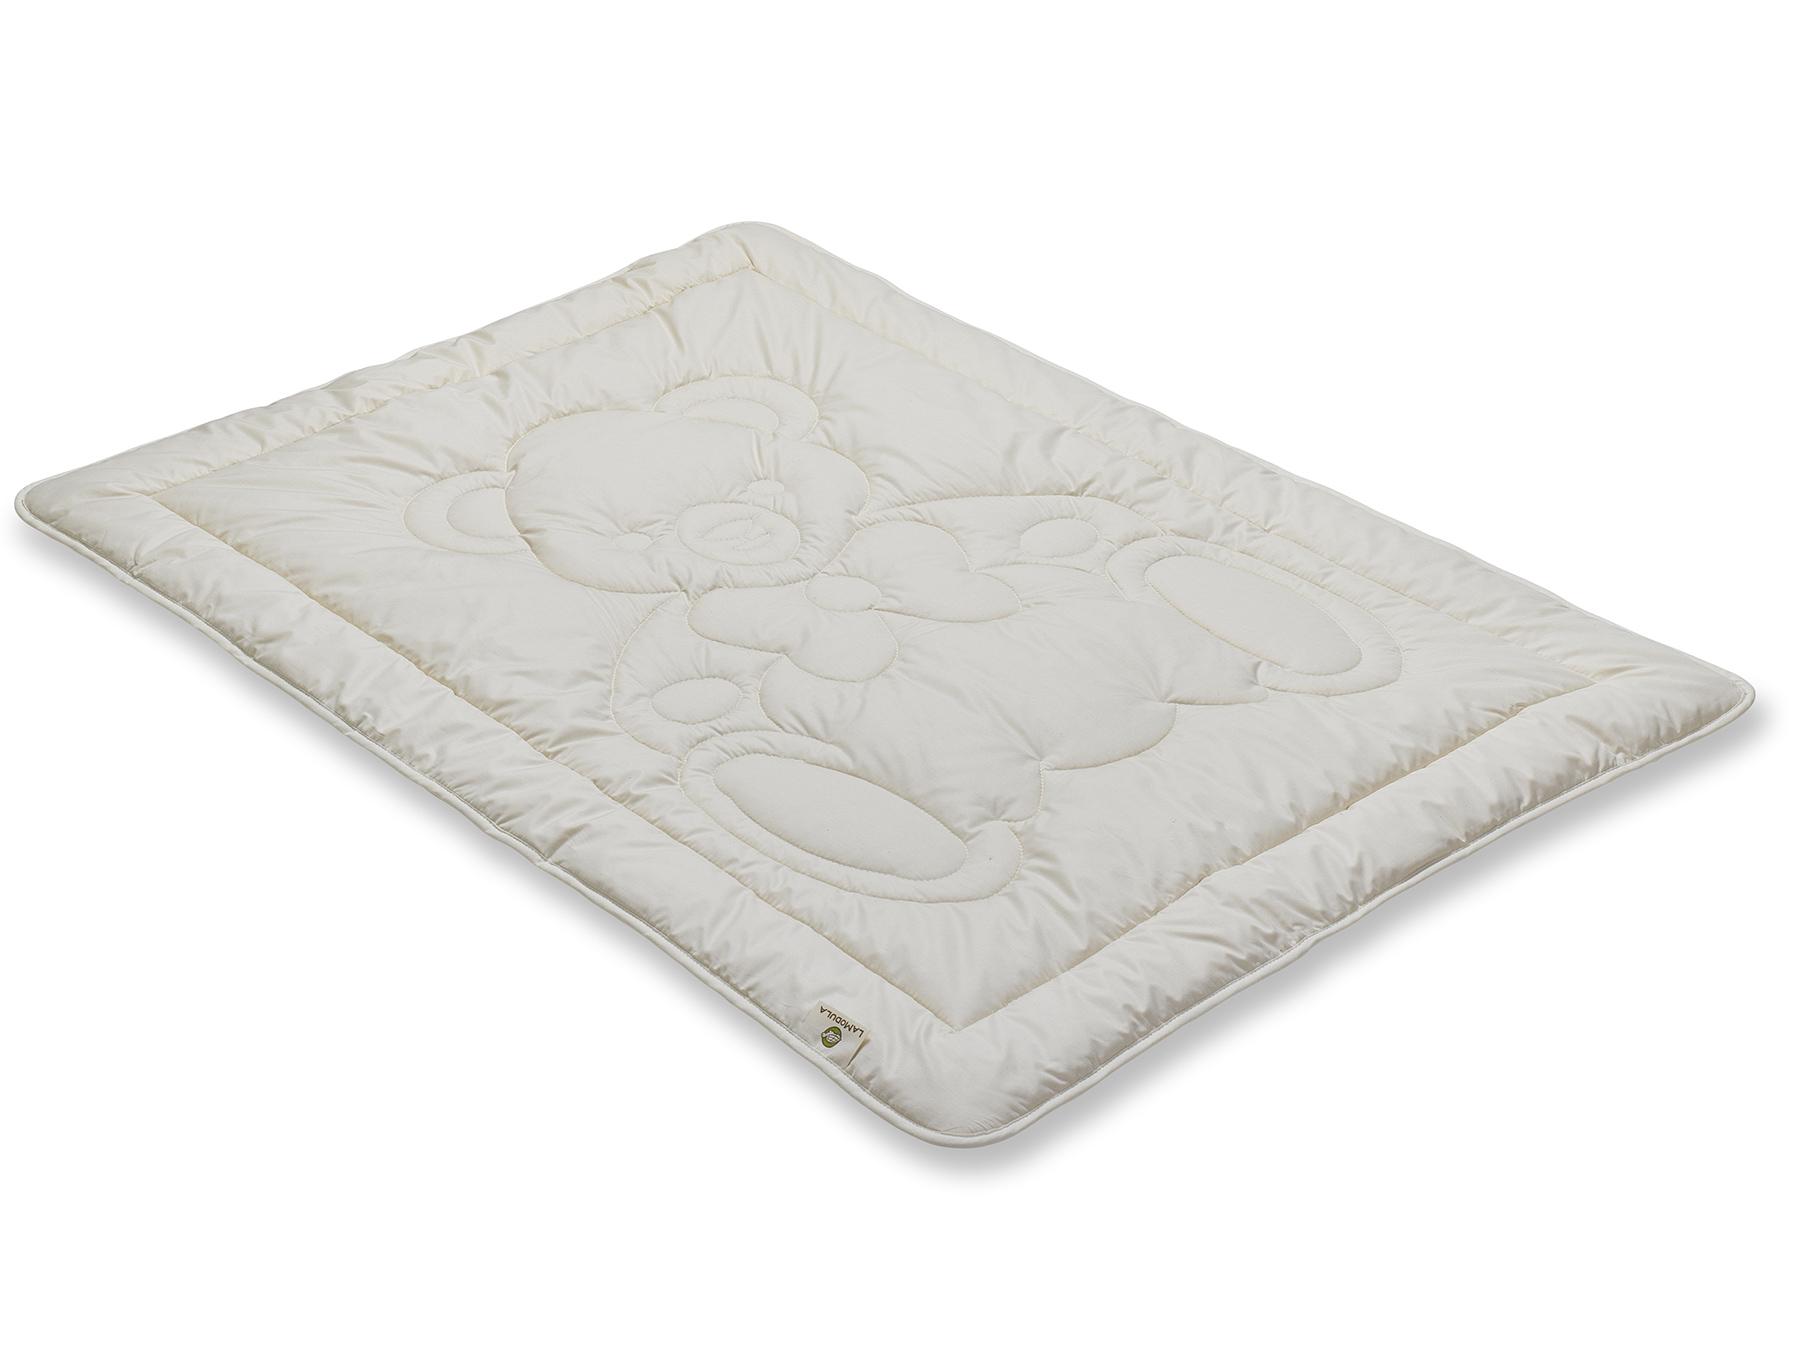 Wächter in der Nacht: Babybettdecke mit süßem Bärenmotiv.